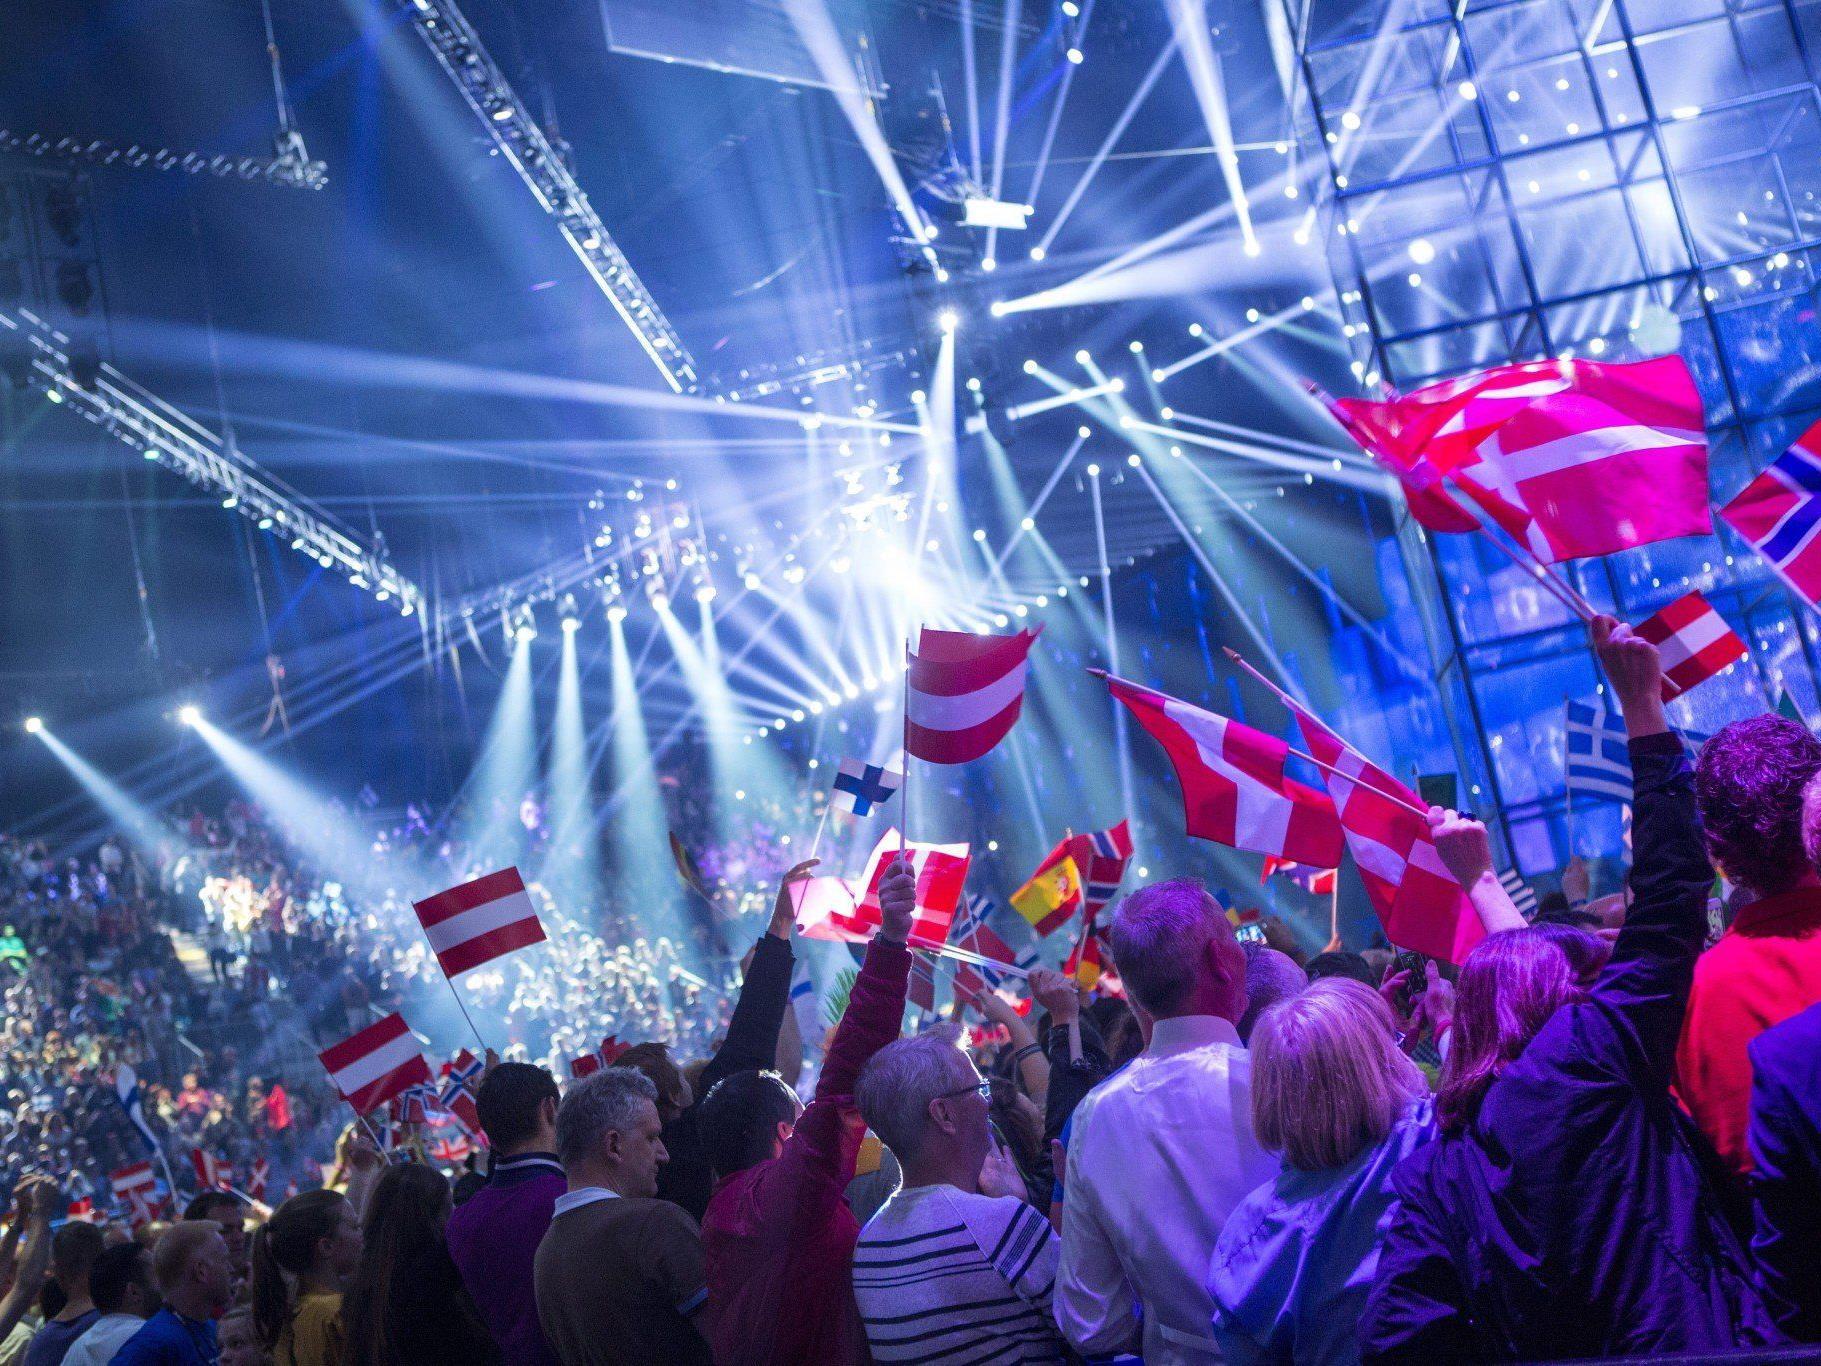 Der Eurovision Song Contest 2015 wird entweder in Wien, Graz oder Innsbruck ausgetragen.